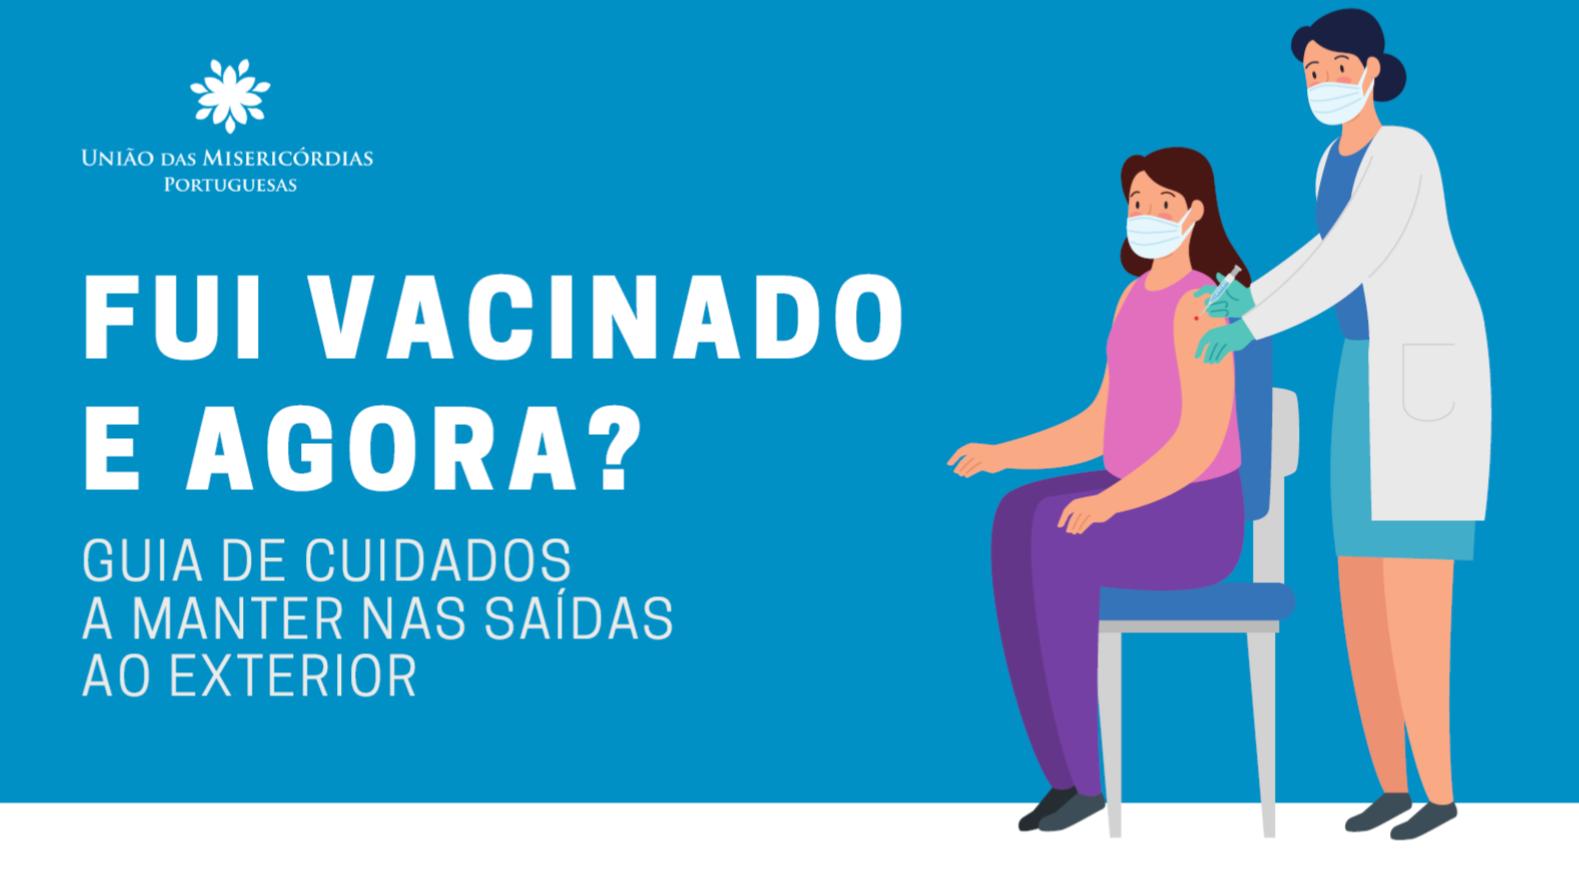 Fui vacinado e agora? | Folheto informativo para saídas do lar